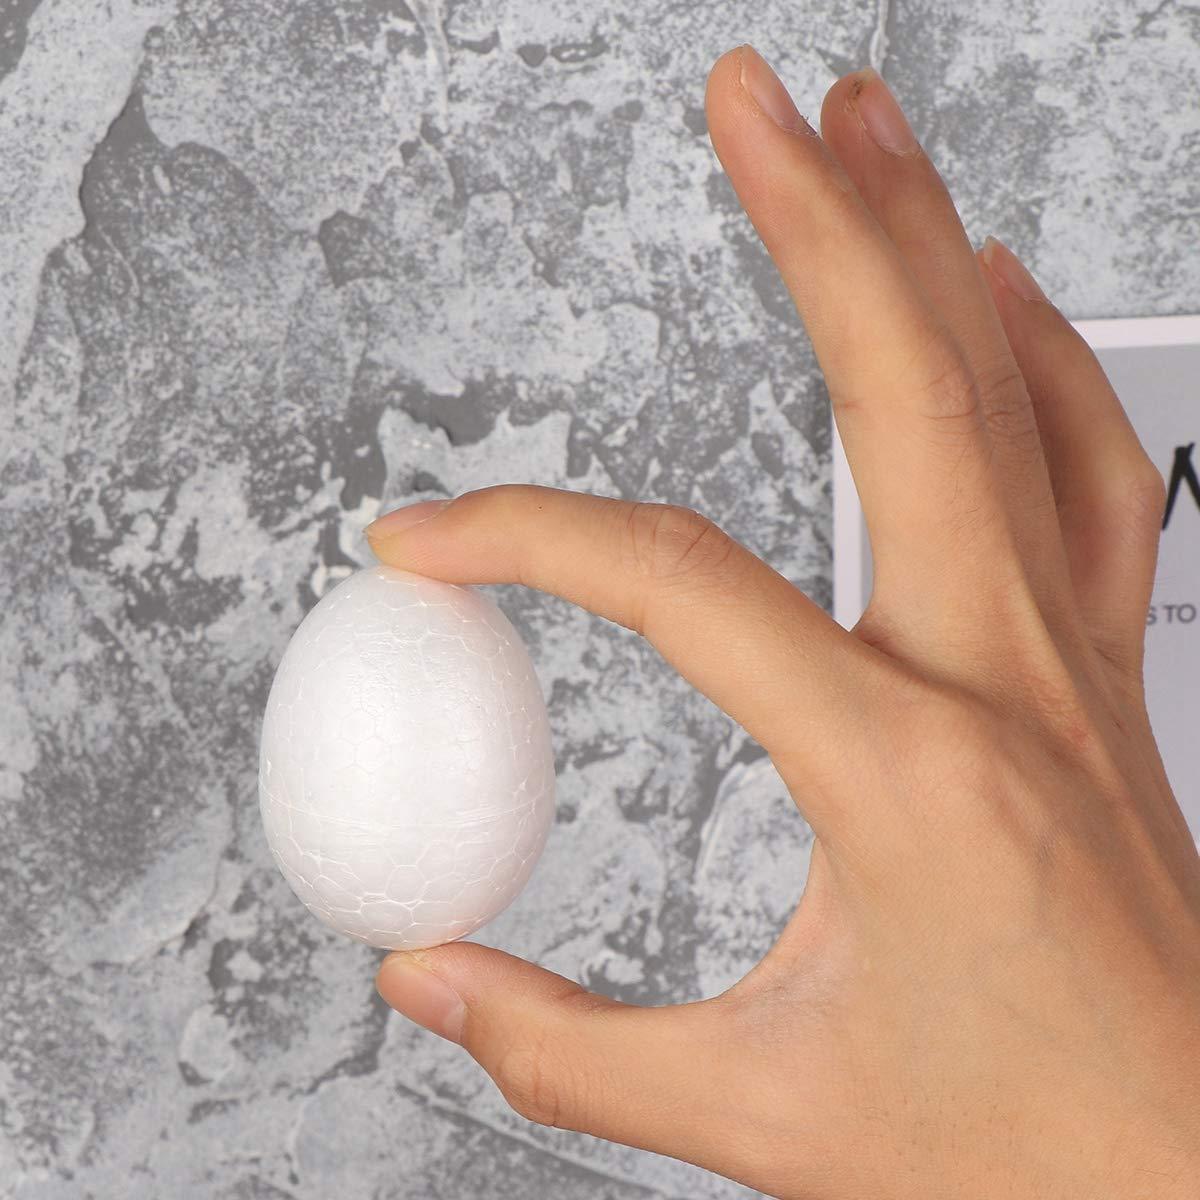 Amosfun Pintura de la espuma del huevo DIY decoraci/ón de espuma de poliestireno de Pascua para ni/ños Festival Artesan/ía regalo de Pascua PASCUA decoraci/ón del partido 20pcs 6 cm